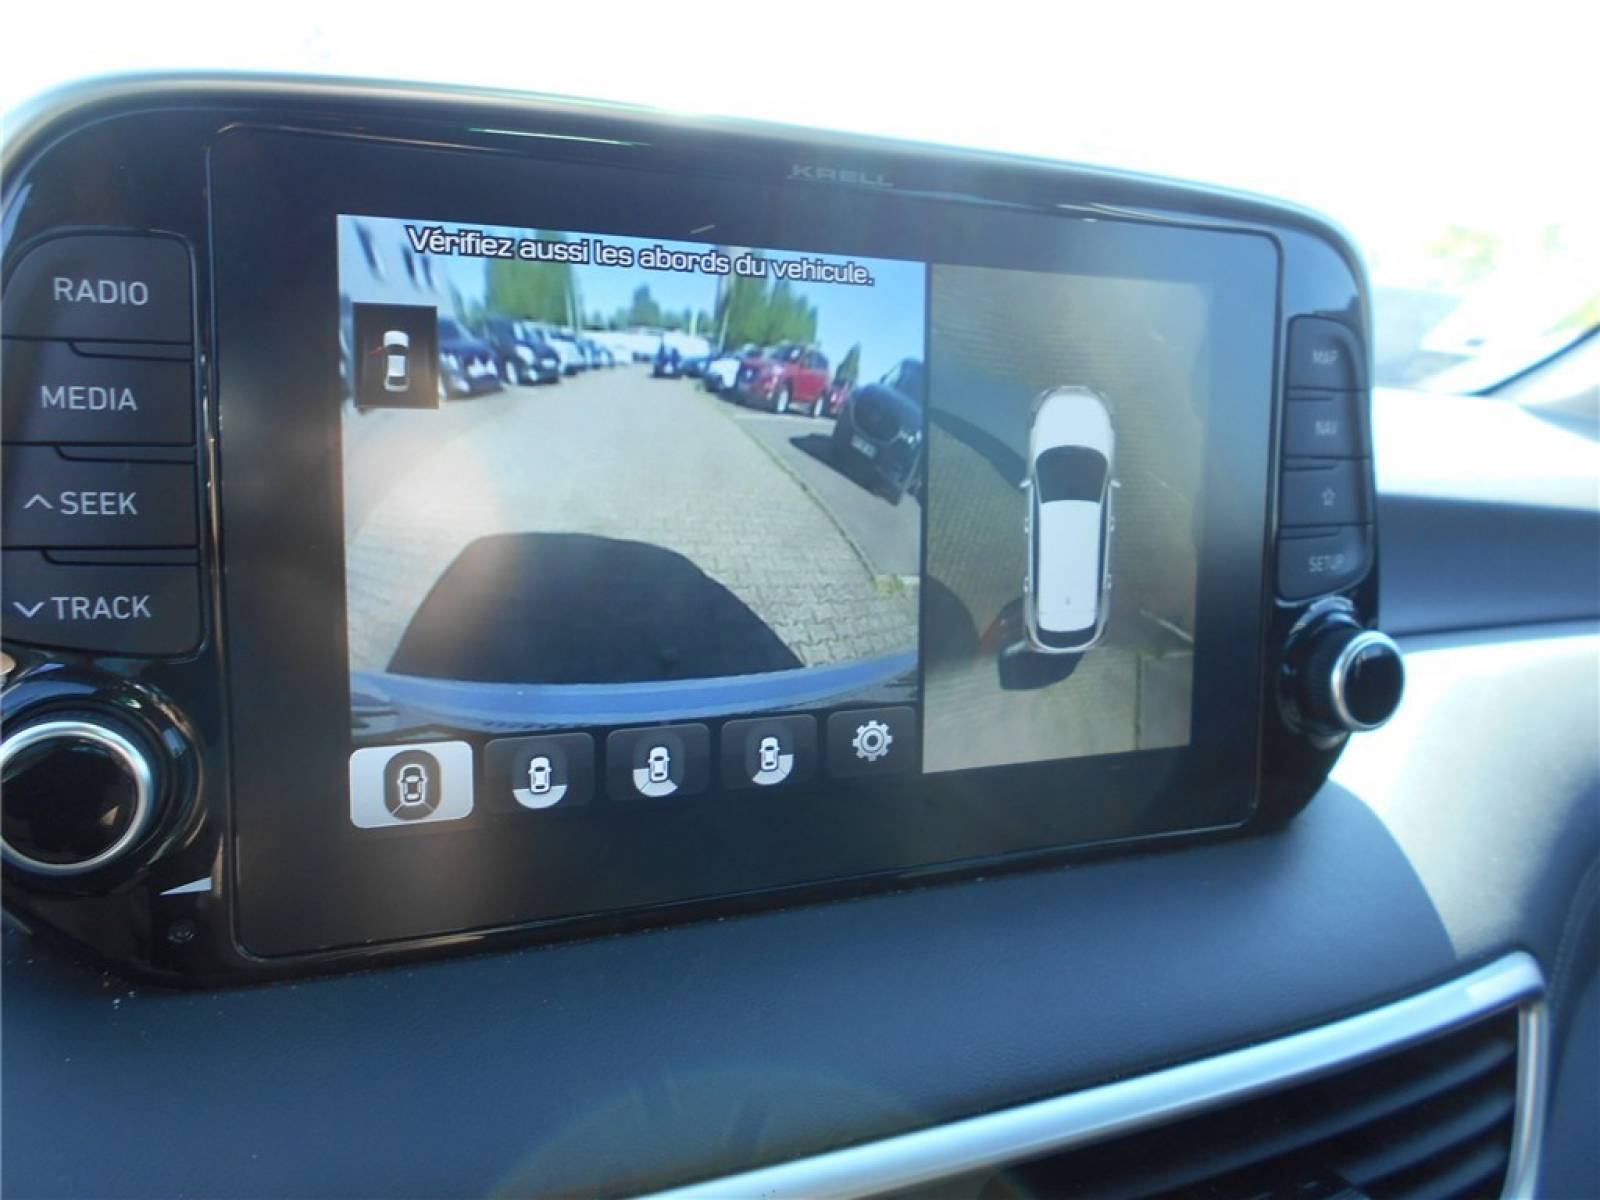 HYUNDAI Tucson 1.6 CRDi 136 - véhicule d'occasion - Groupe Guillet - Chalon Automobiles - 71100 - Chalon-sur-Saône - 26